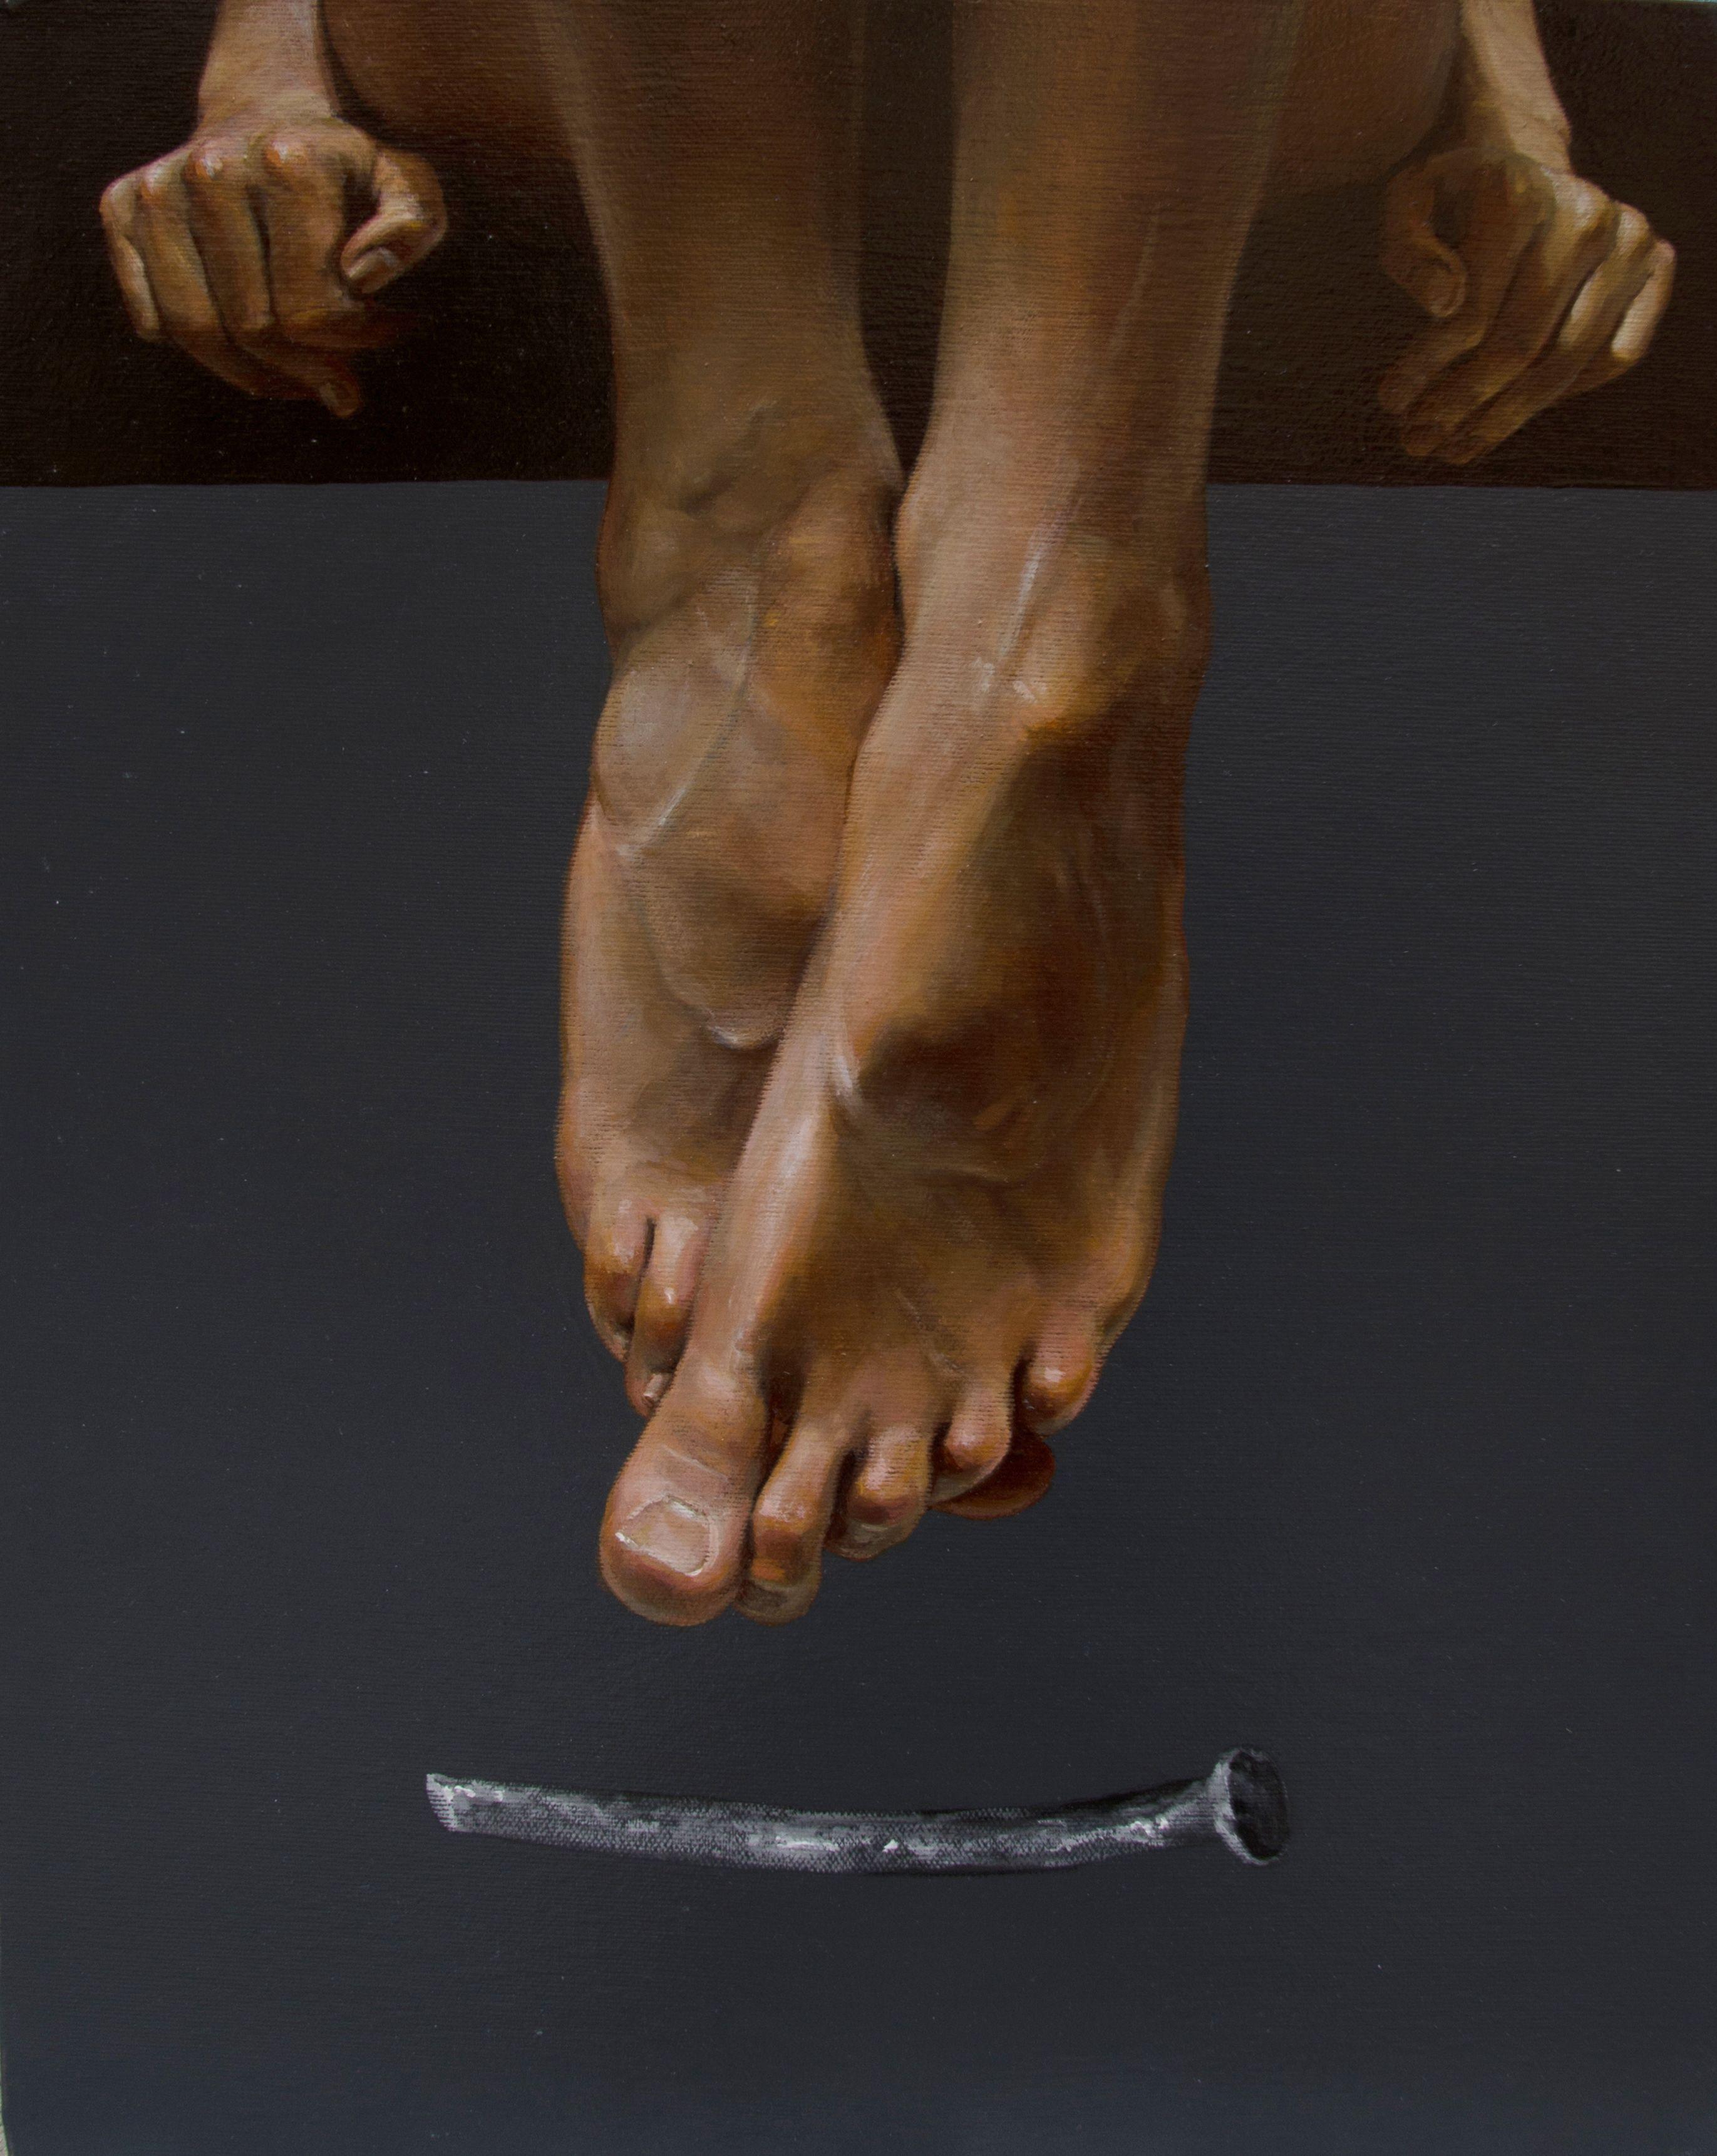 Юрій Коваль. Без назви, 2018, акрил, олія на полотні, 50х40